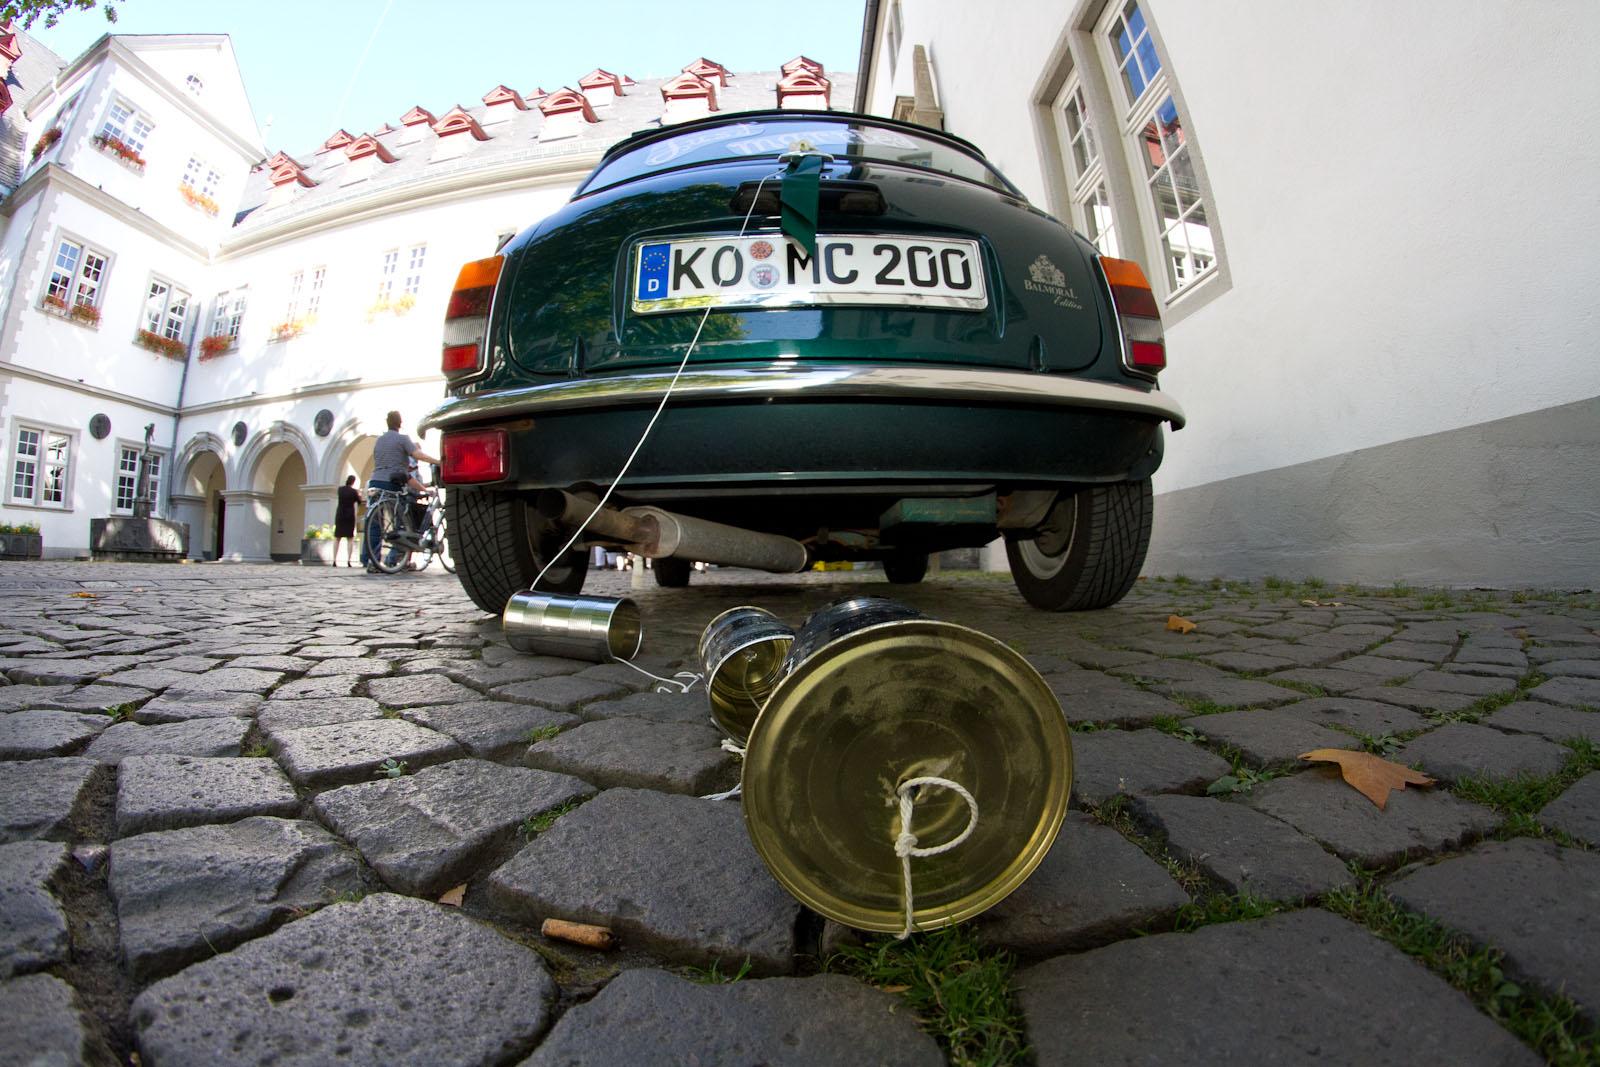 Brautwagen Original-Mini in Koblenz